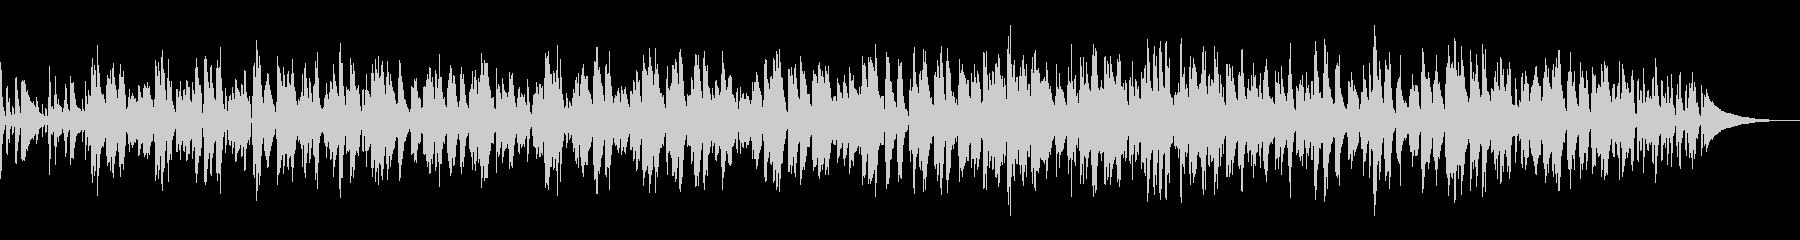 穏やかなラウンジ風ボサノバ/ピアノトリオの未再生の波形